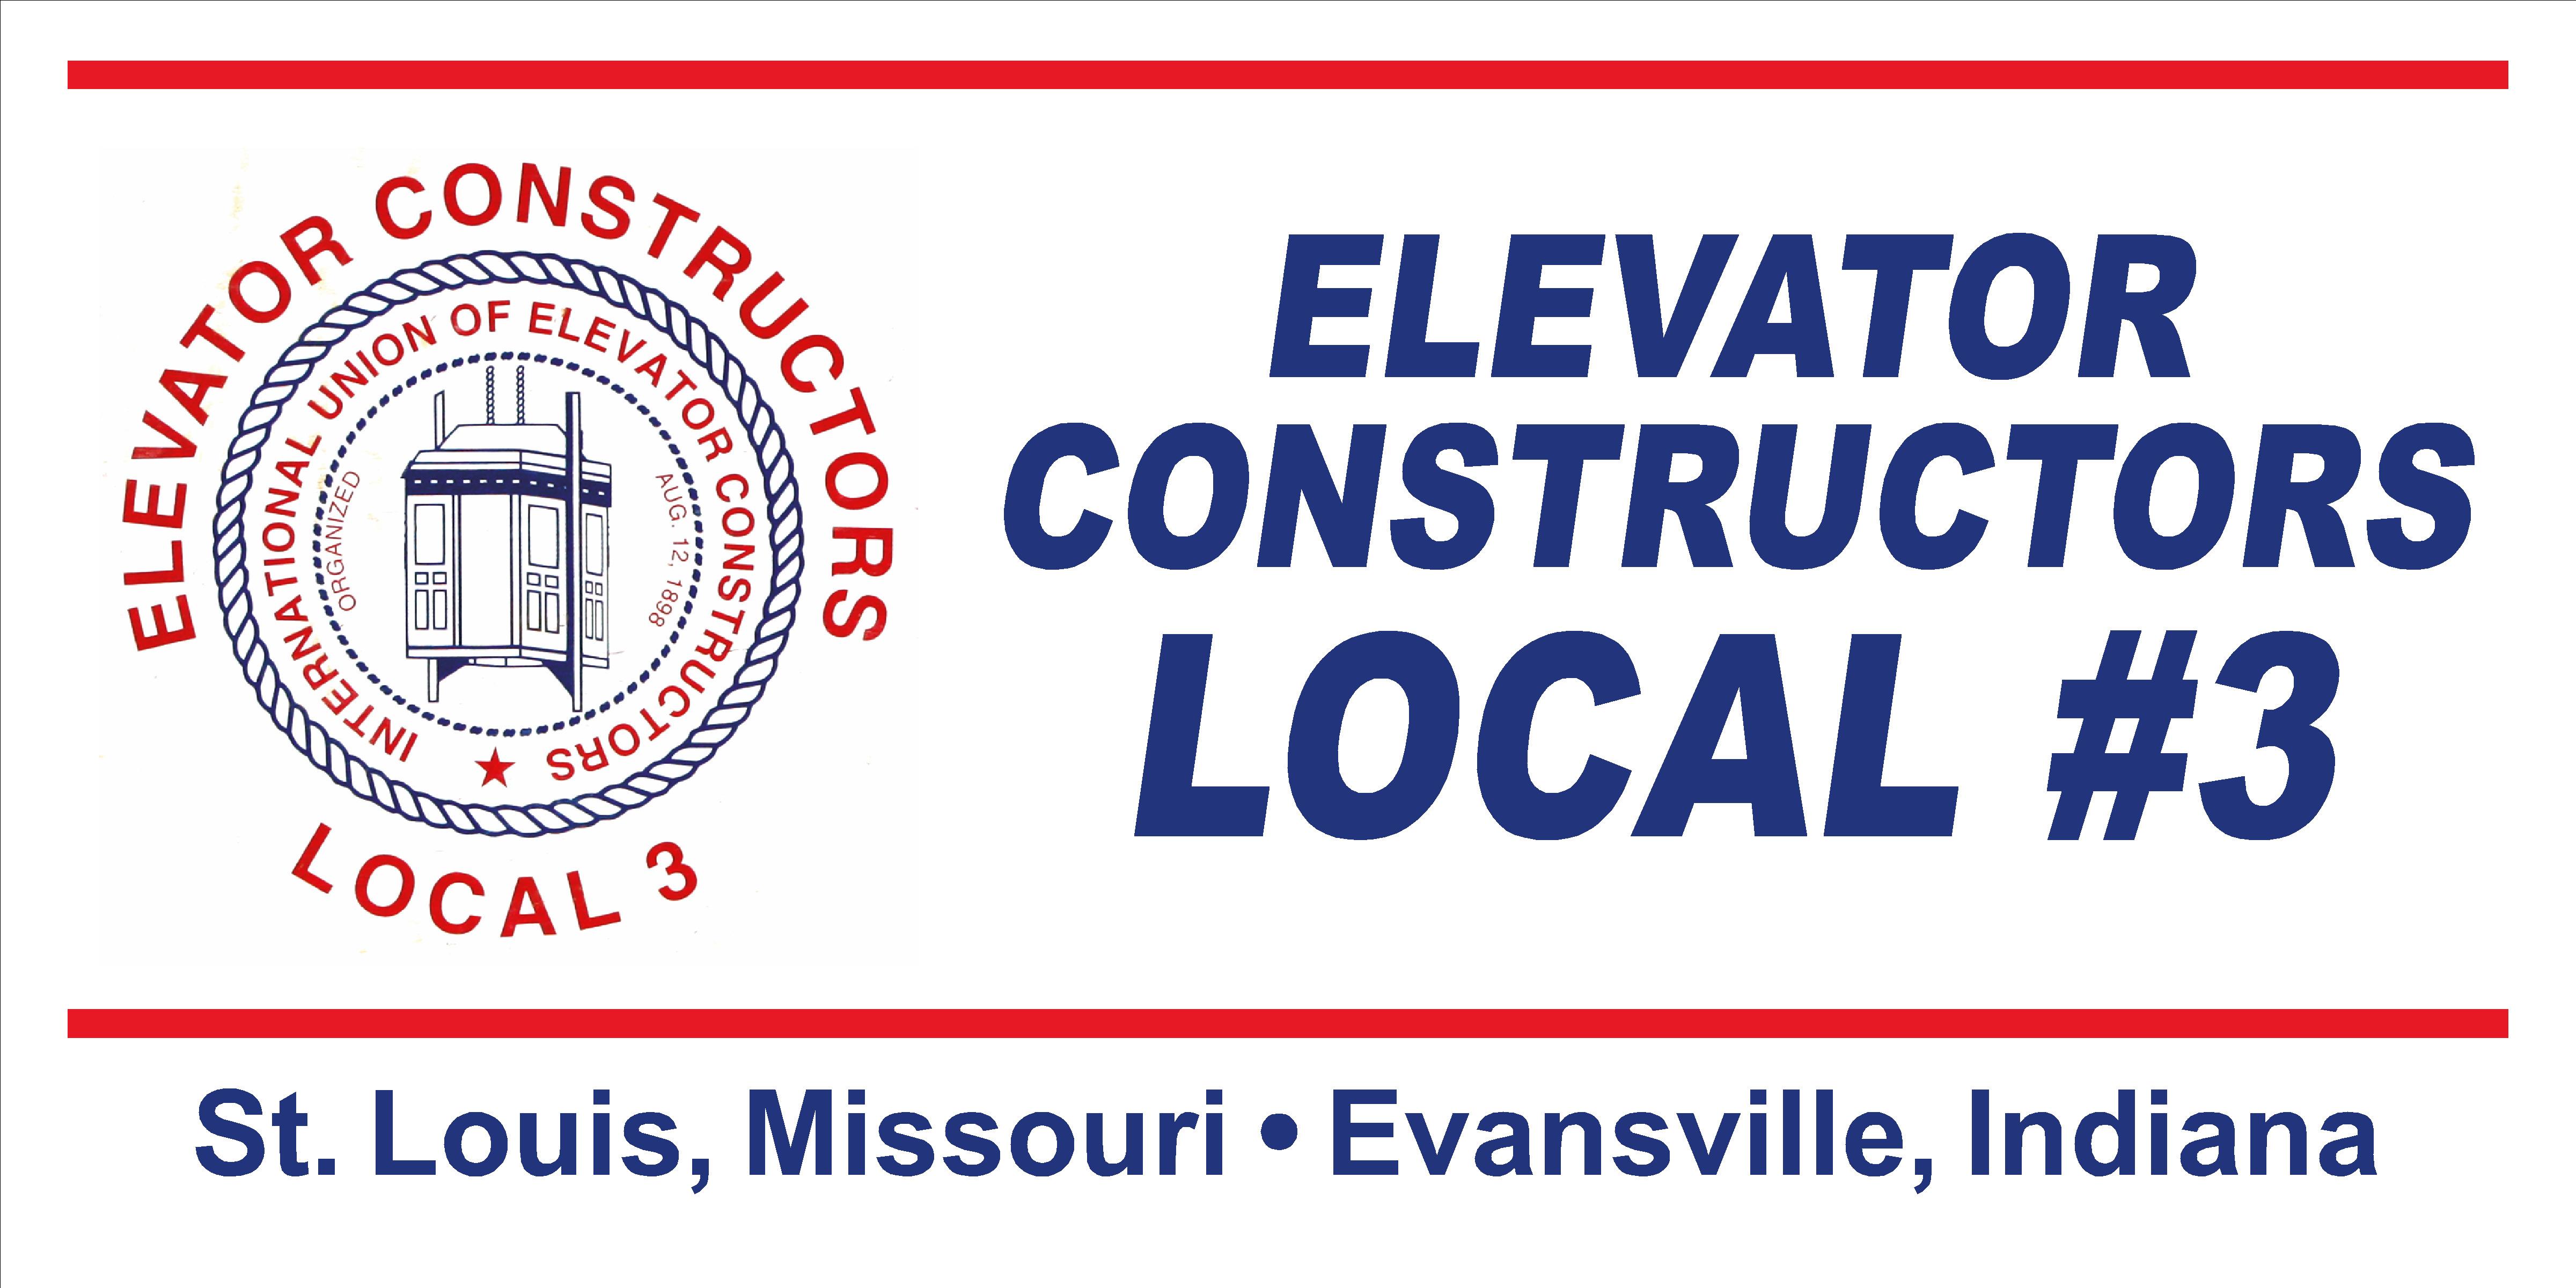 Elevators Constructors #3